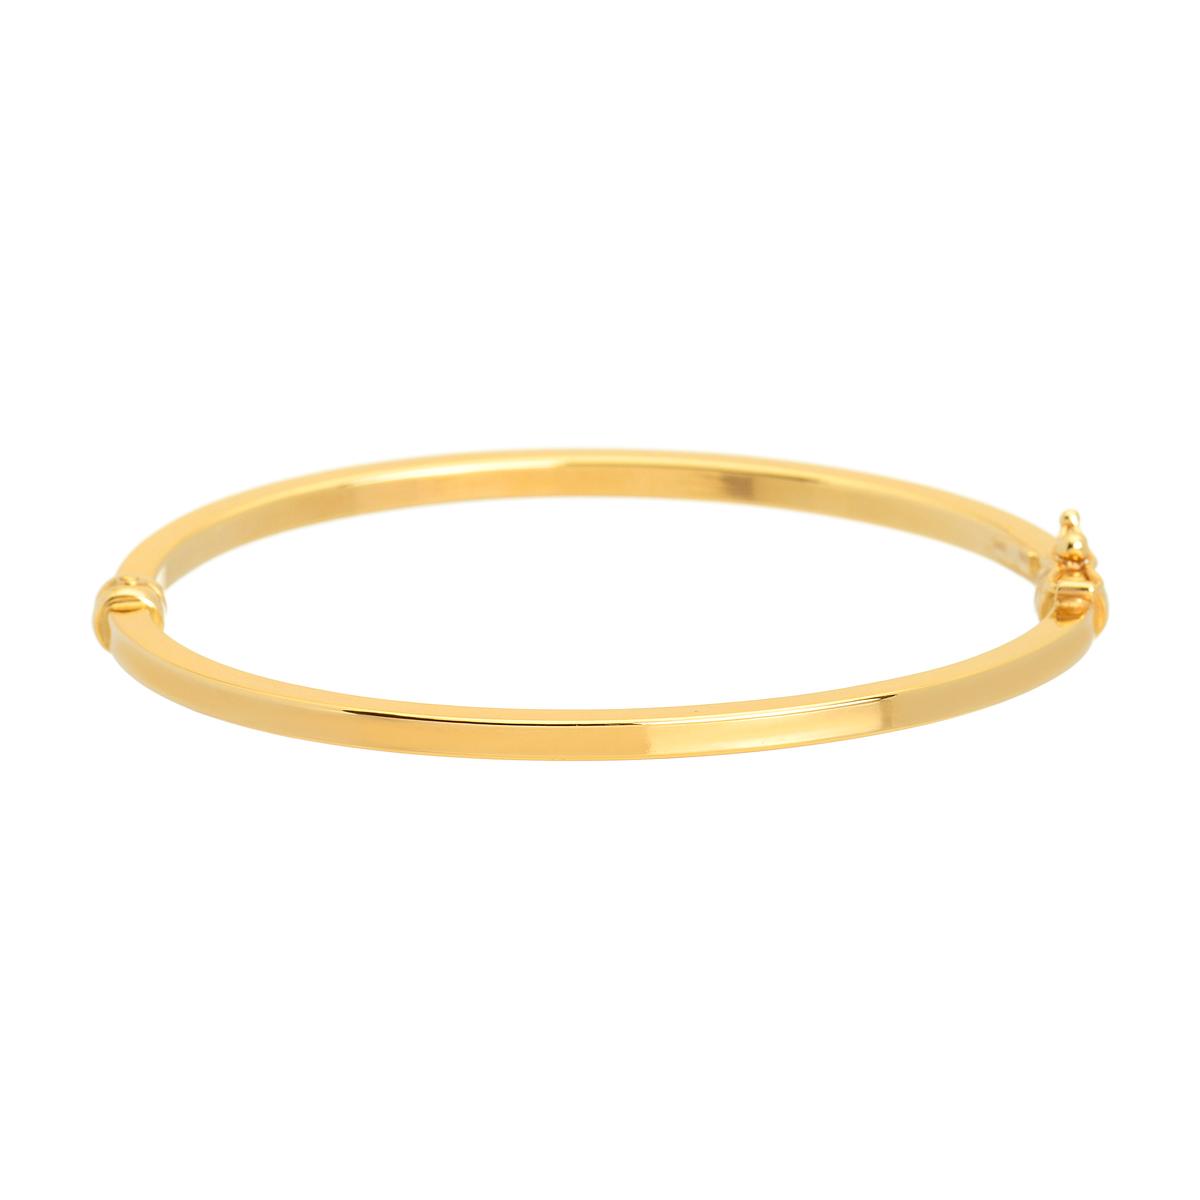 χειροπεδα βραχιολι χρυσο